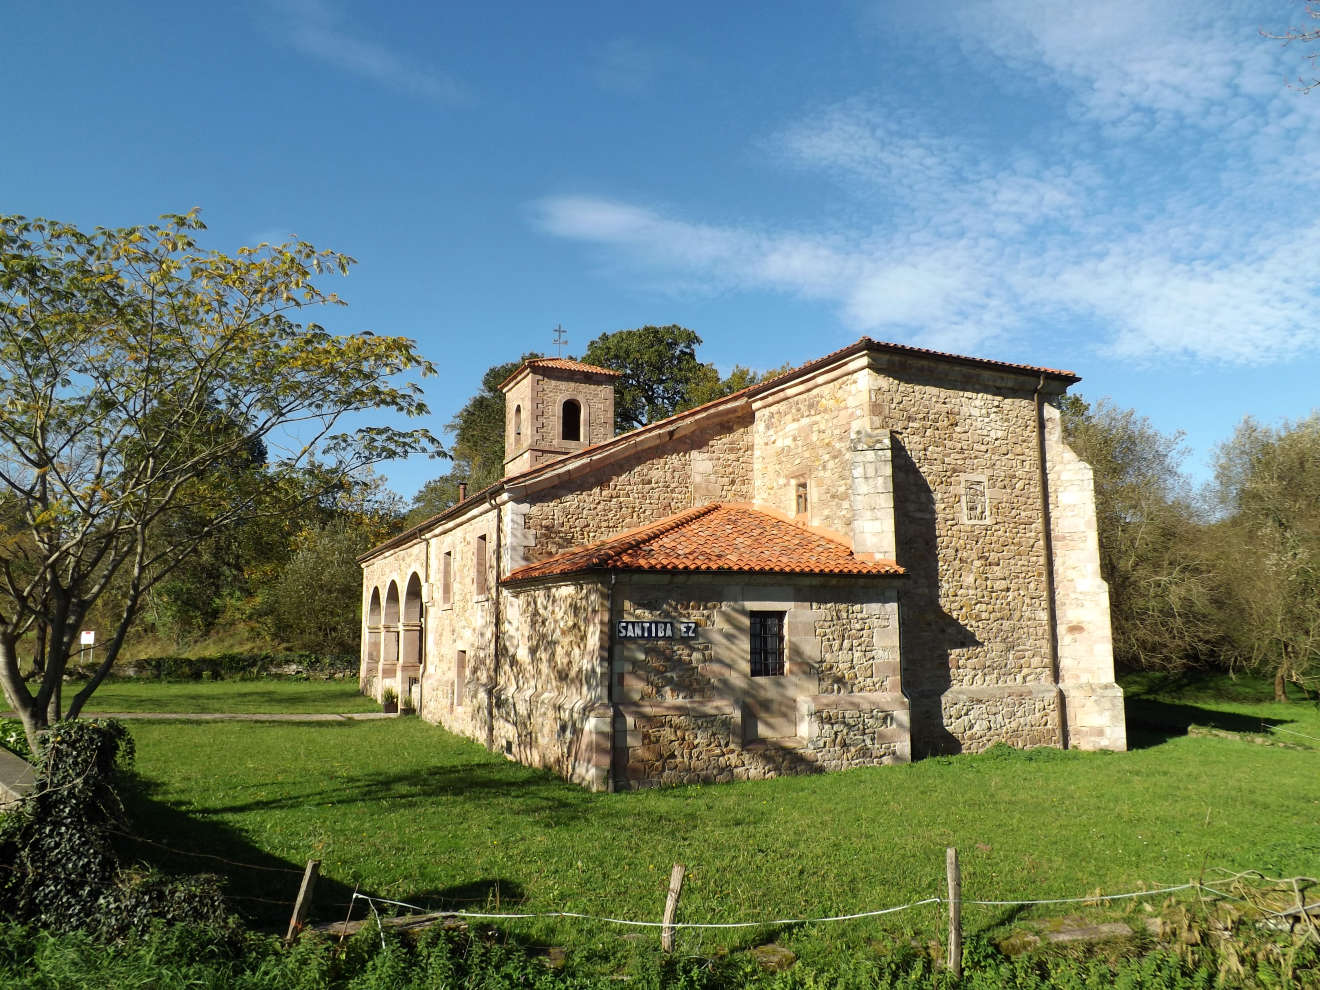 Iglesia de Santibáñez